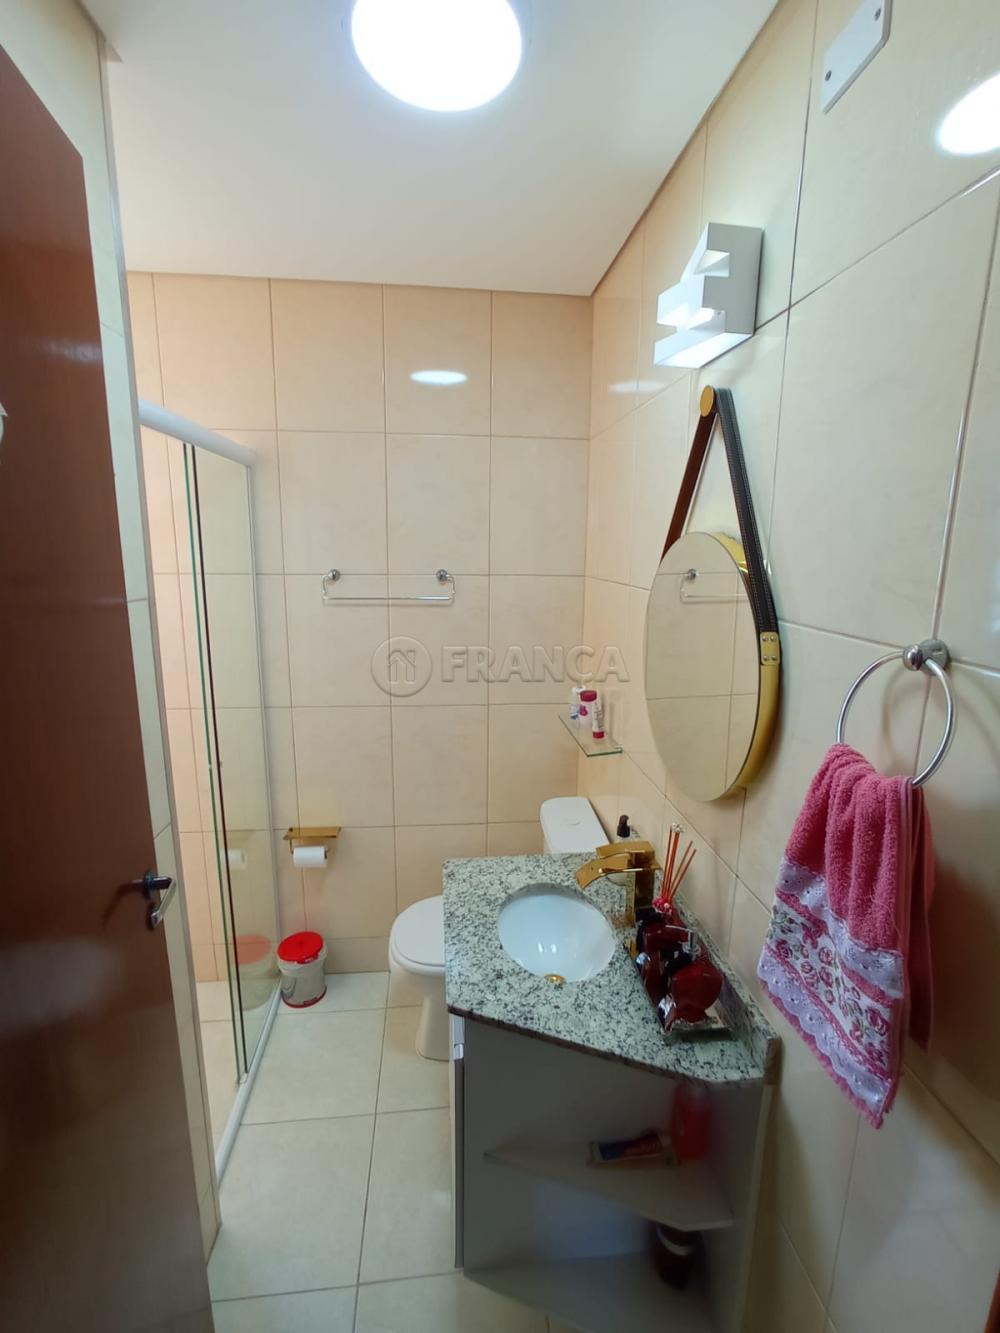 Alugar Apartamento / Padrão em Jacareí R$ 1.200,00 - Foto 11